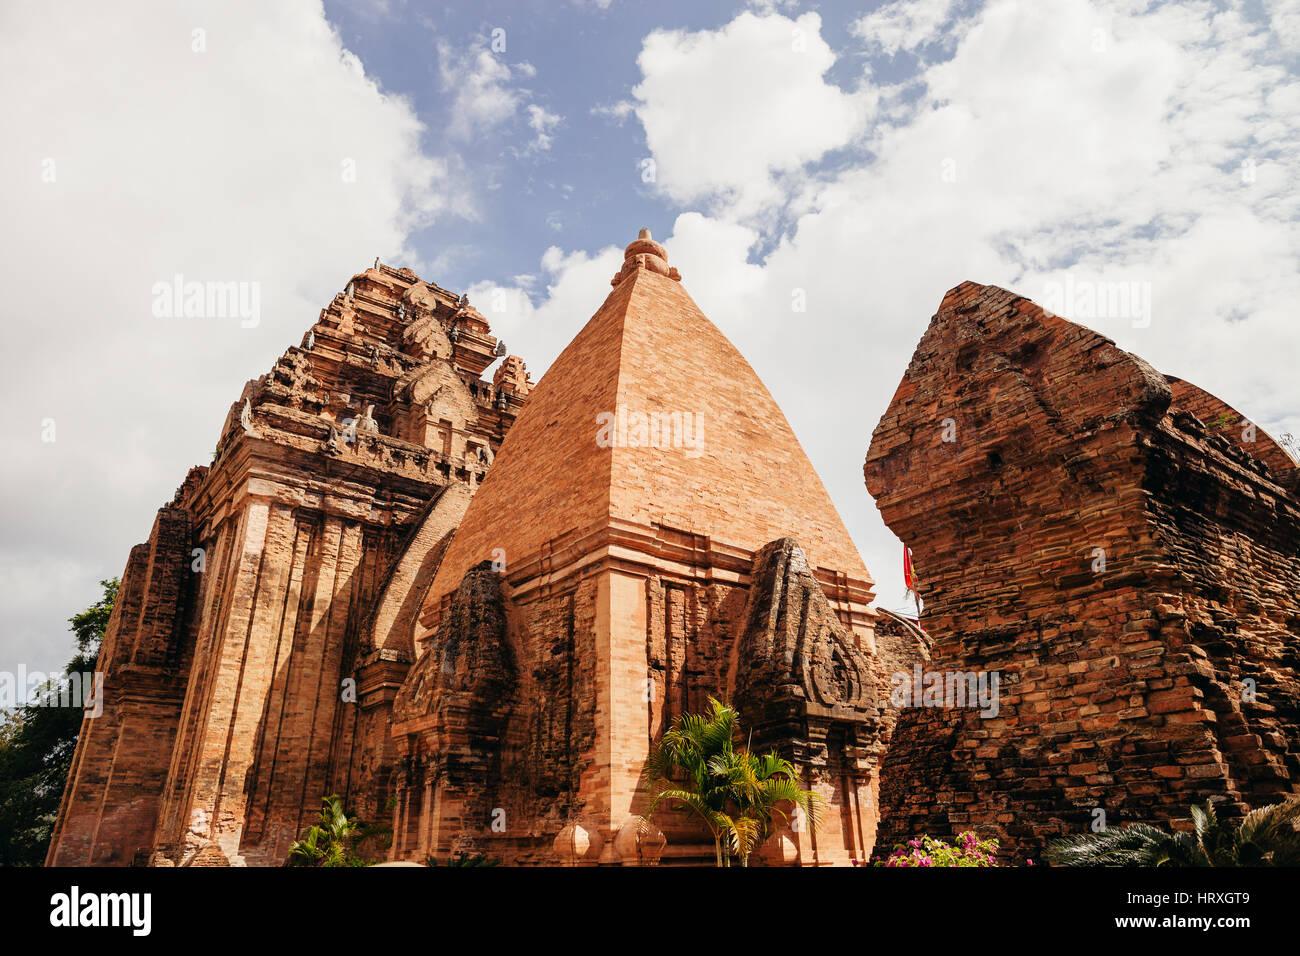 Po Nagar Cham Towers Pagoda in Nha Trang, Vietnam - Stock Image